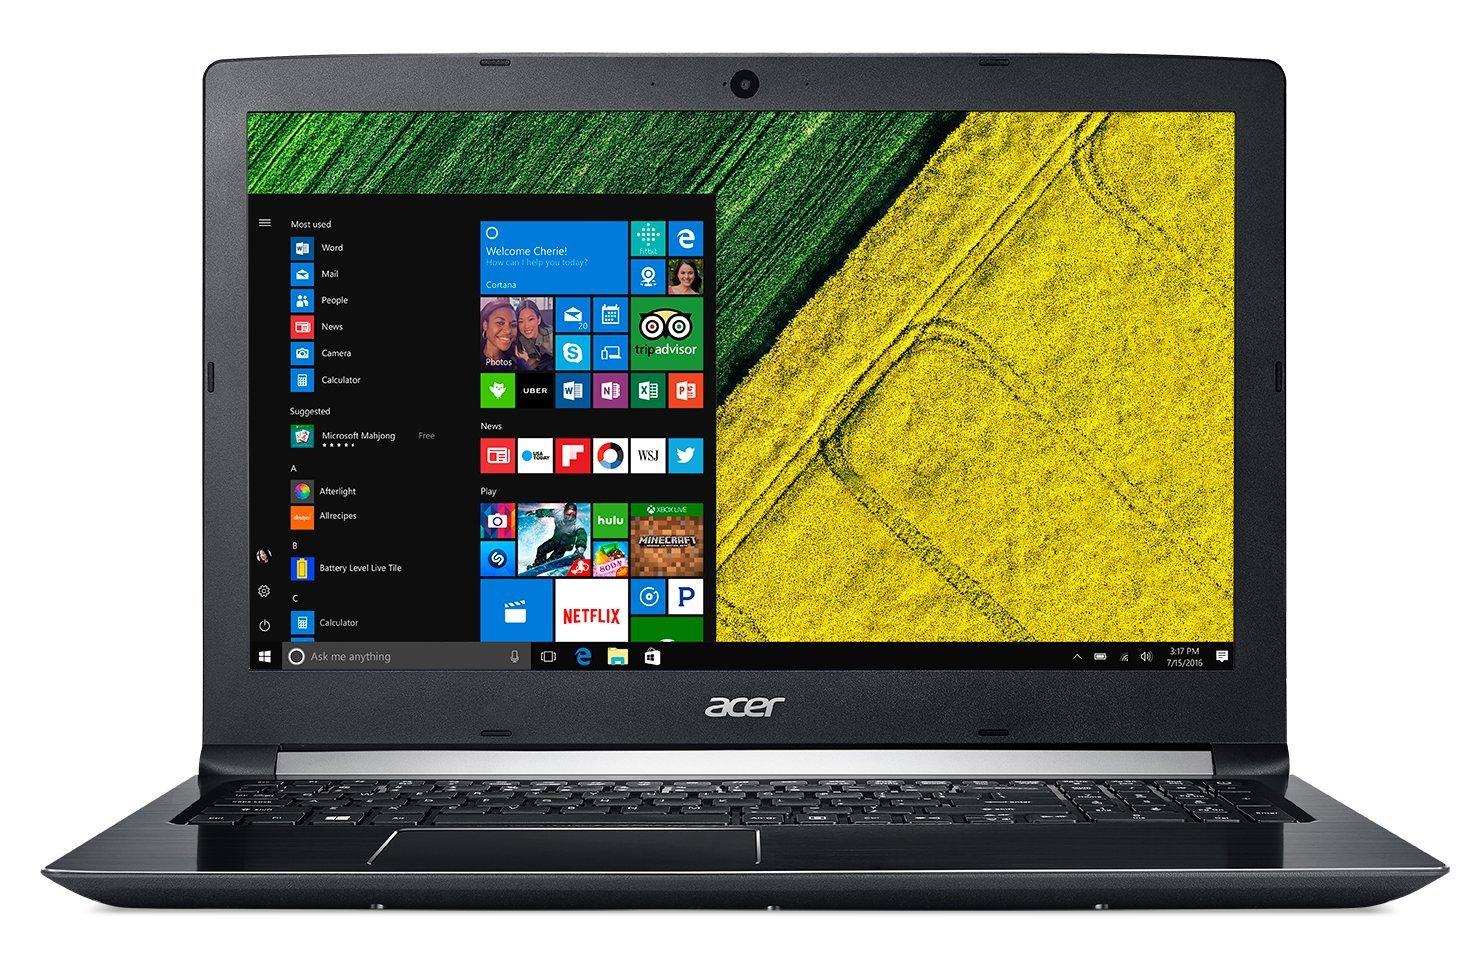 Acer Aspire 5 best for programming